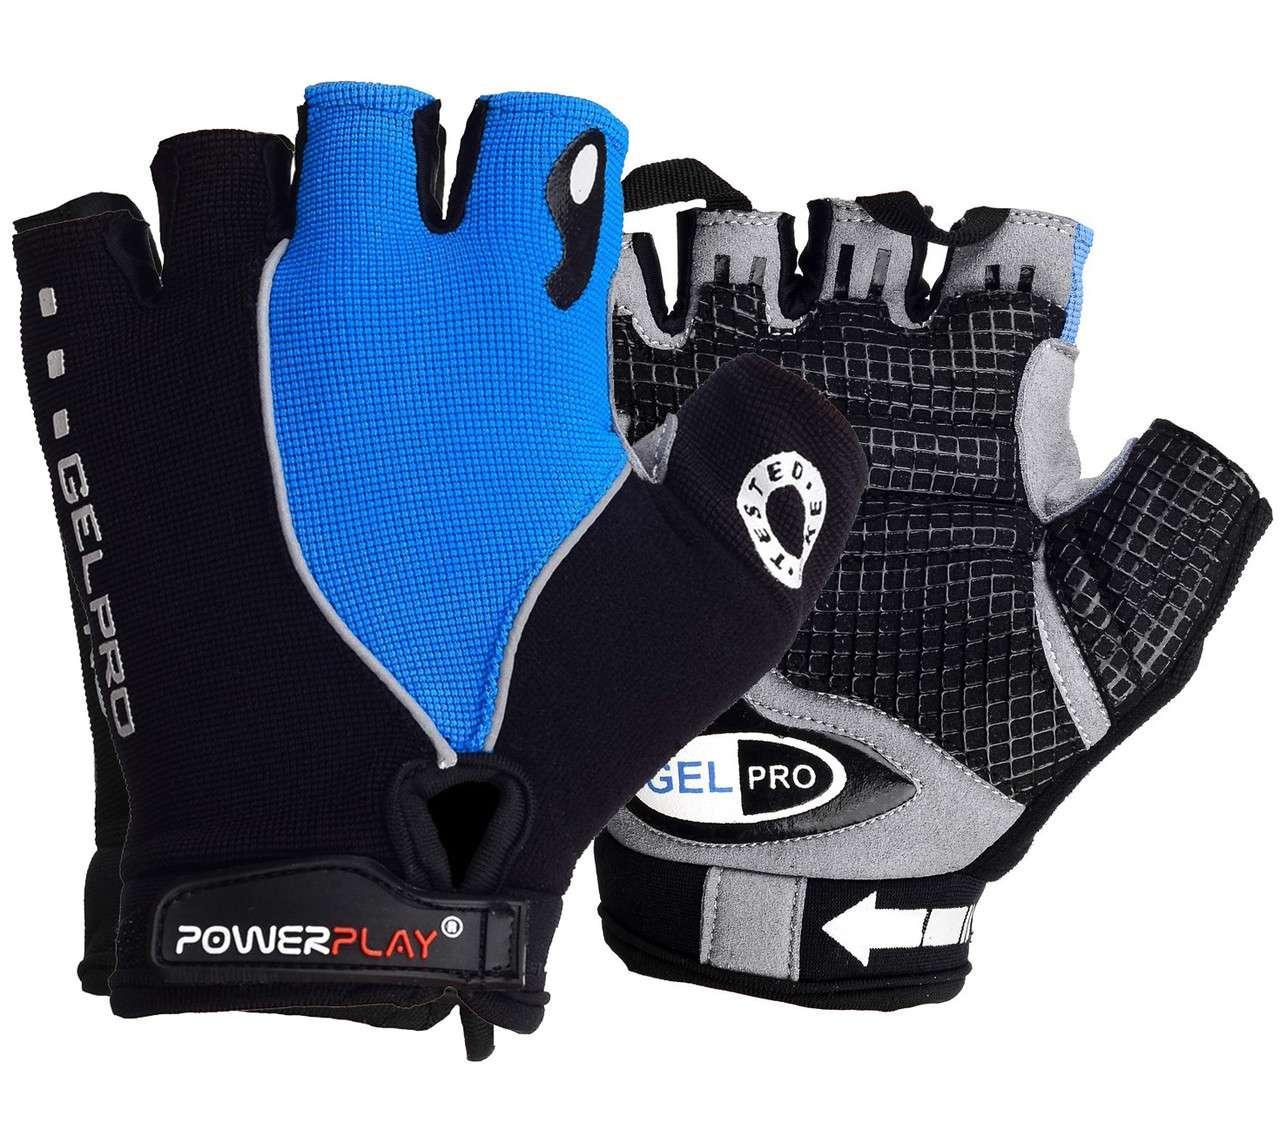 Велорукавички PowerPlay 5019 C Чорно-блакитні M - 144349